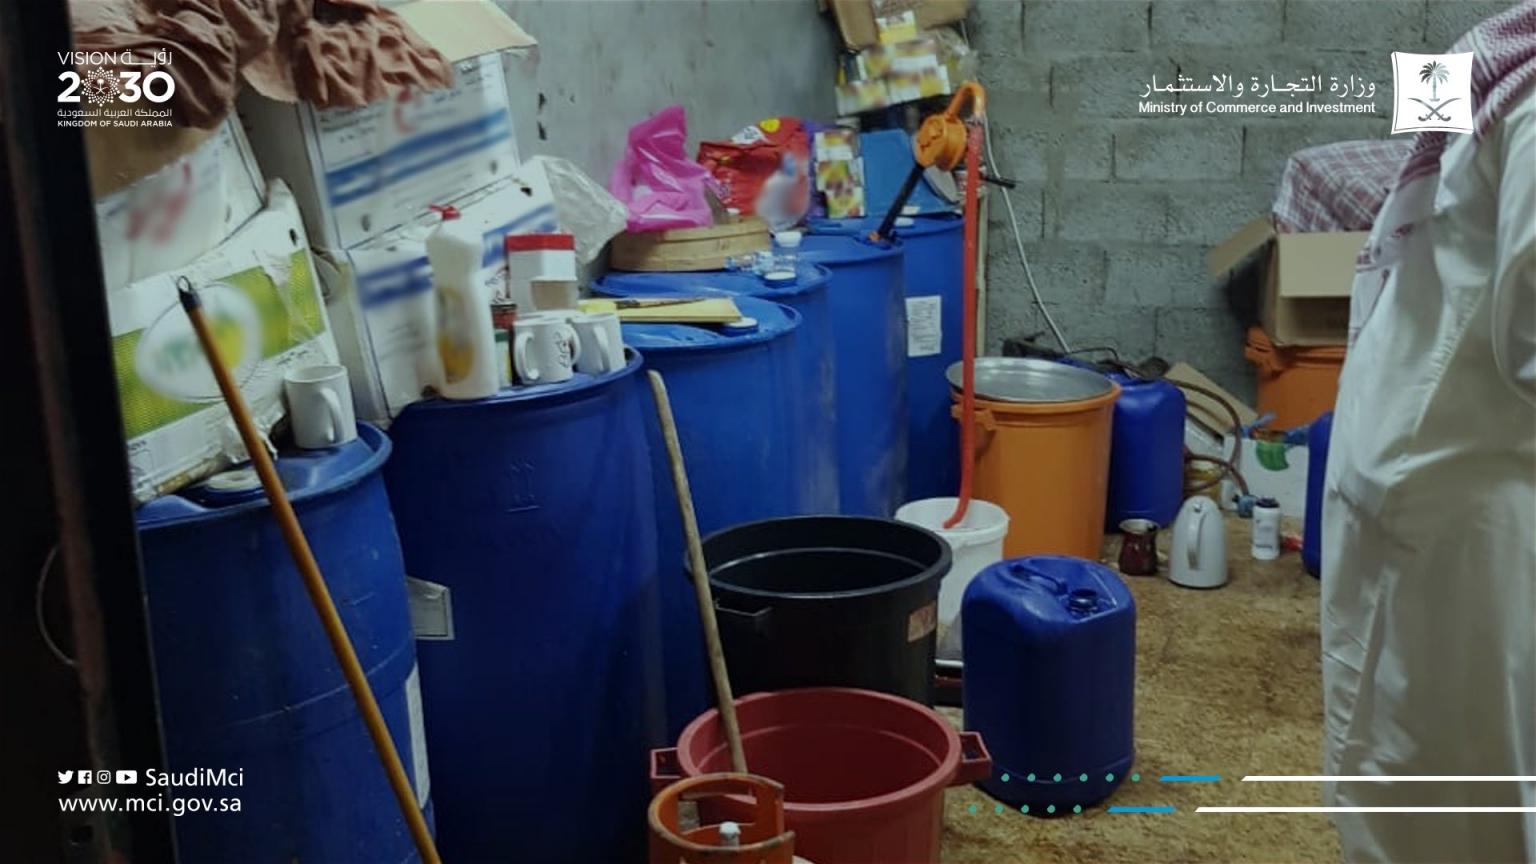 فيديو.. عمالة تستغل مستودعًا لتصنيع نكهات السجائر